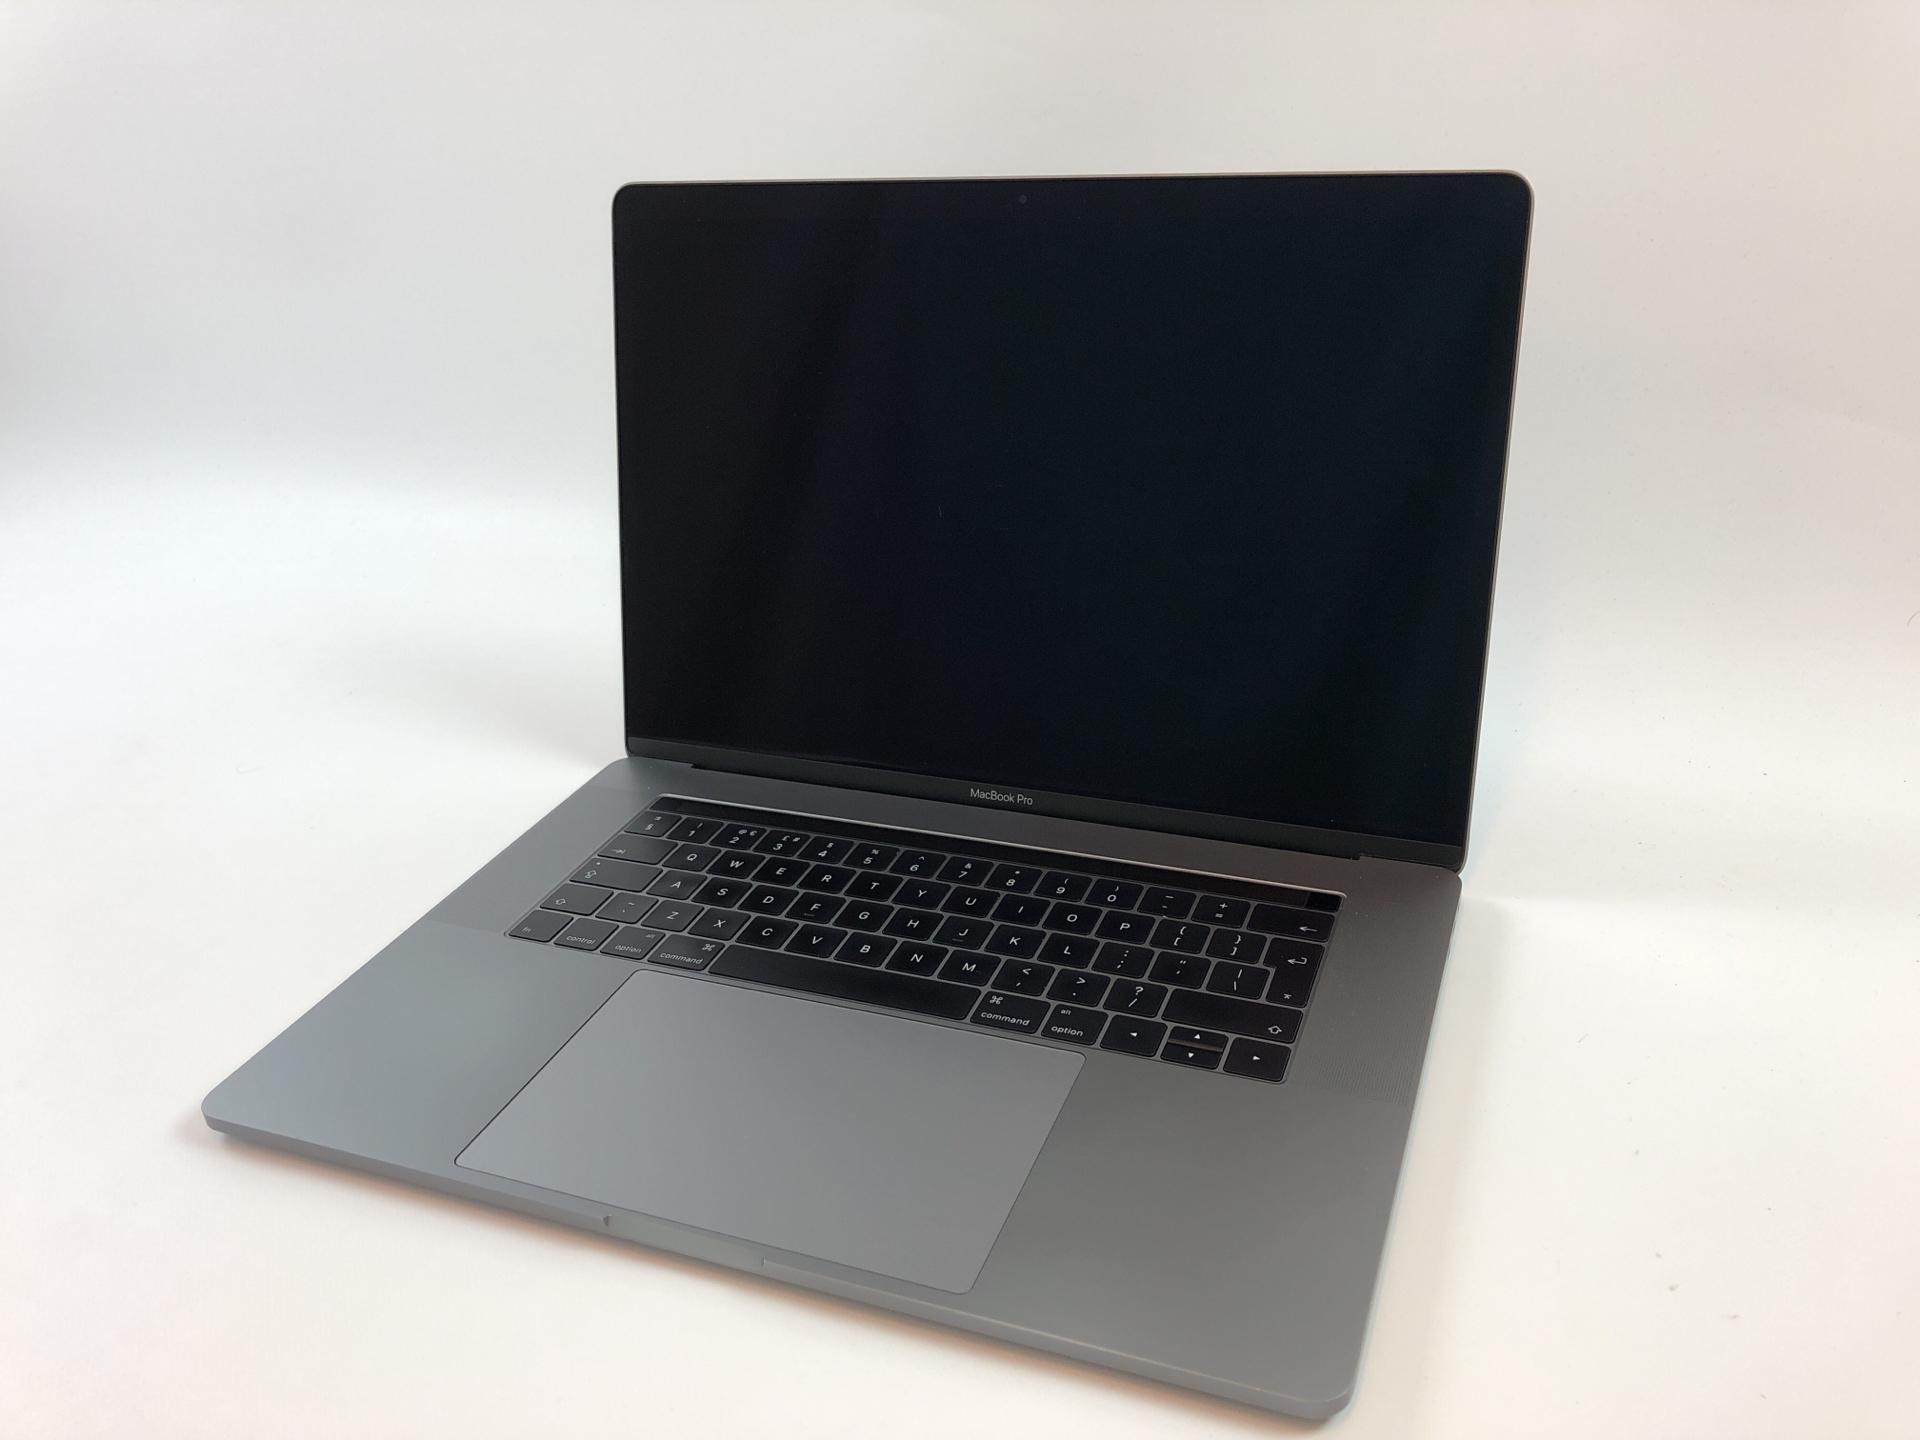 """MacBook Pro 15"""" Touch Bar Late 2016 (Intel Quad-Core i7 2.6 GHz 16 GB RAM 512 GB SSD), Space Gray, Intel Quad-Core i7 2.6 GHz, 16 GB RAM, 512 GB SSD, bild 1"""